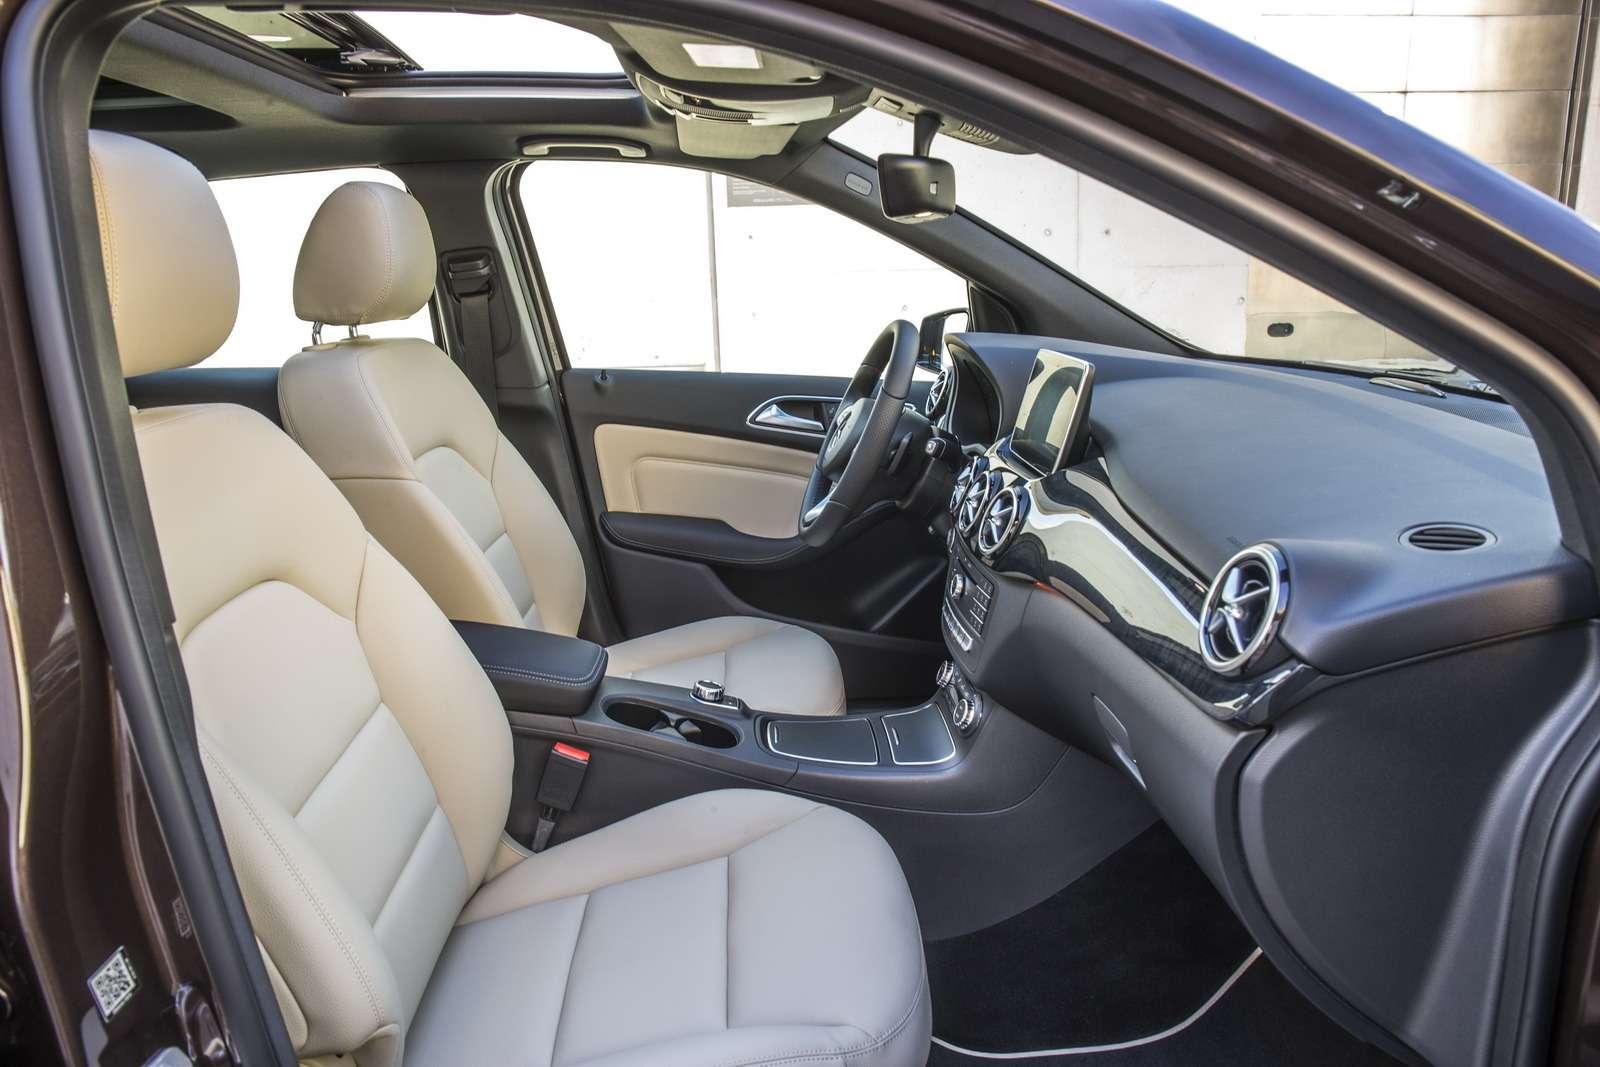 Pressefahrveranstaltung Mercedes Benz, B-Klasse,  Mallorca Oktob